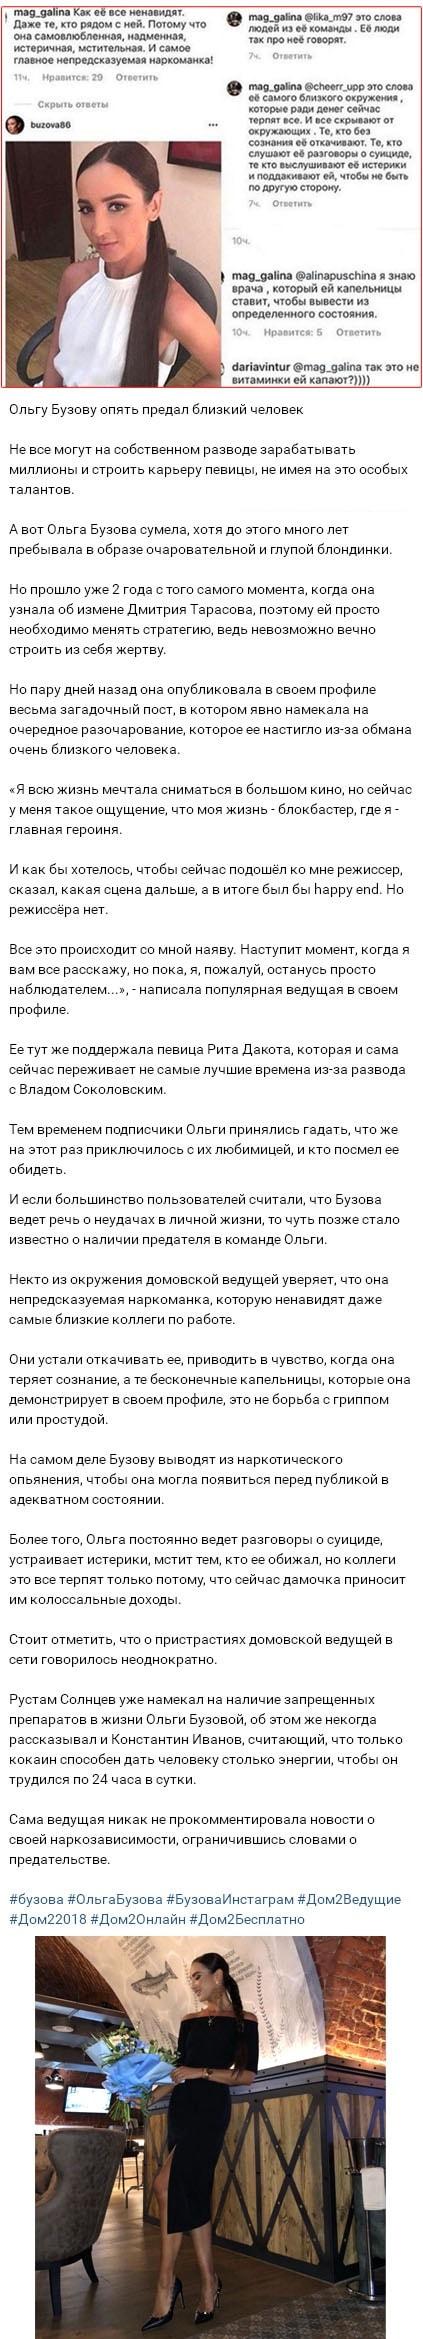 Компромат на Ольгу Бузову от человека из её близкого окружения